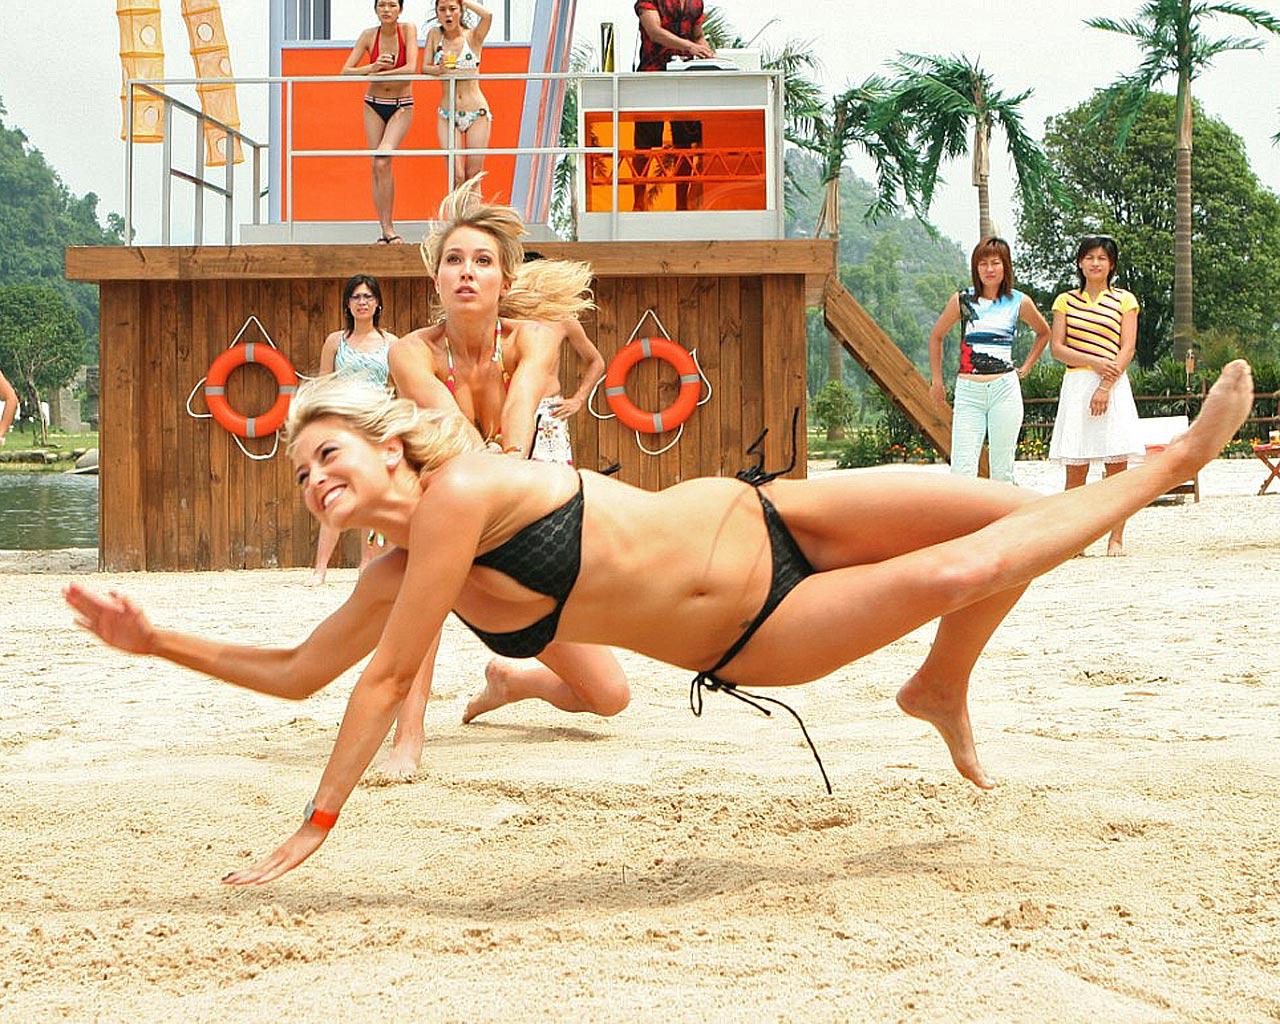 http://1.bp.blogspot.com/-7tKiOO73ZA4/Tq7HY8o1JUI/AAAAAAAAAQ8/8c-MNJCznnQ/s1600/Beach%2BVolleyball-Women%2BWallpaper.jpg